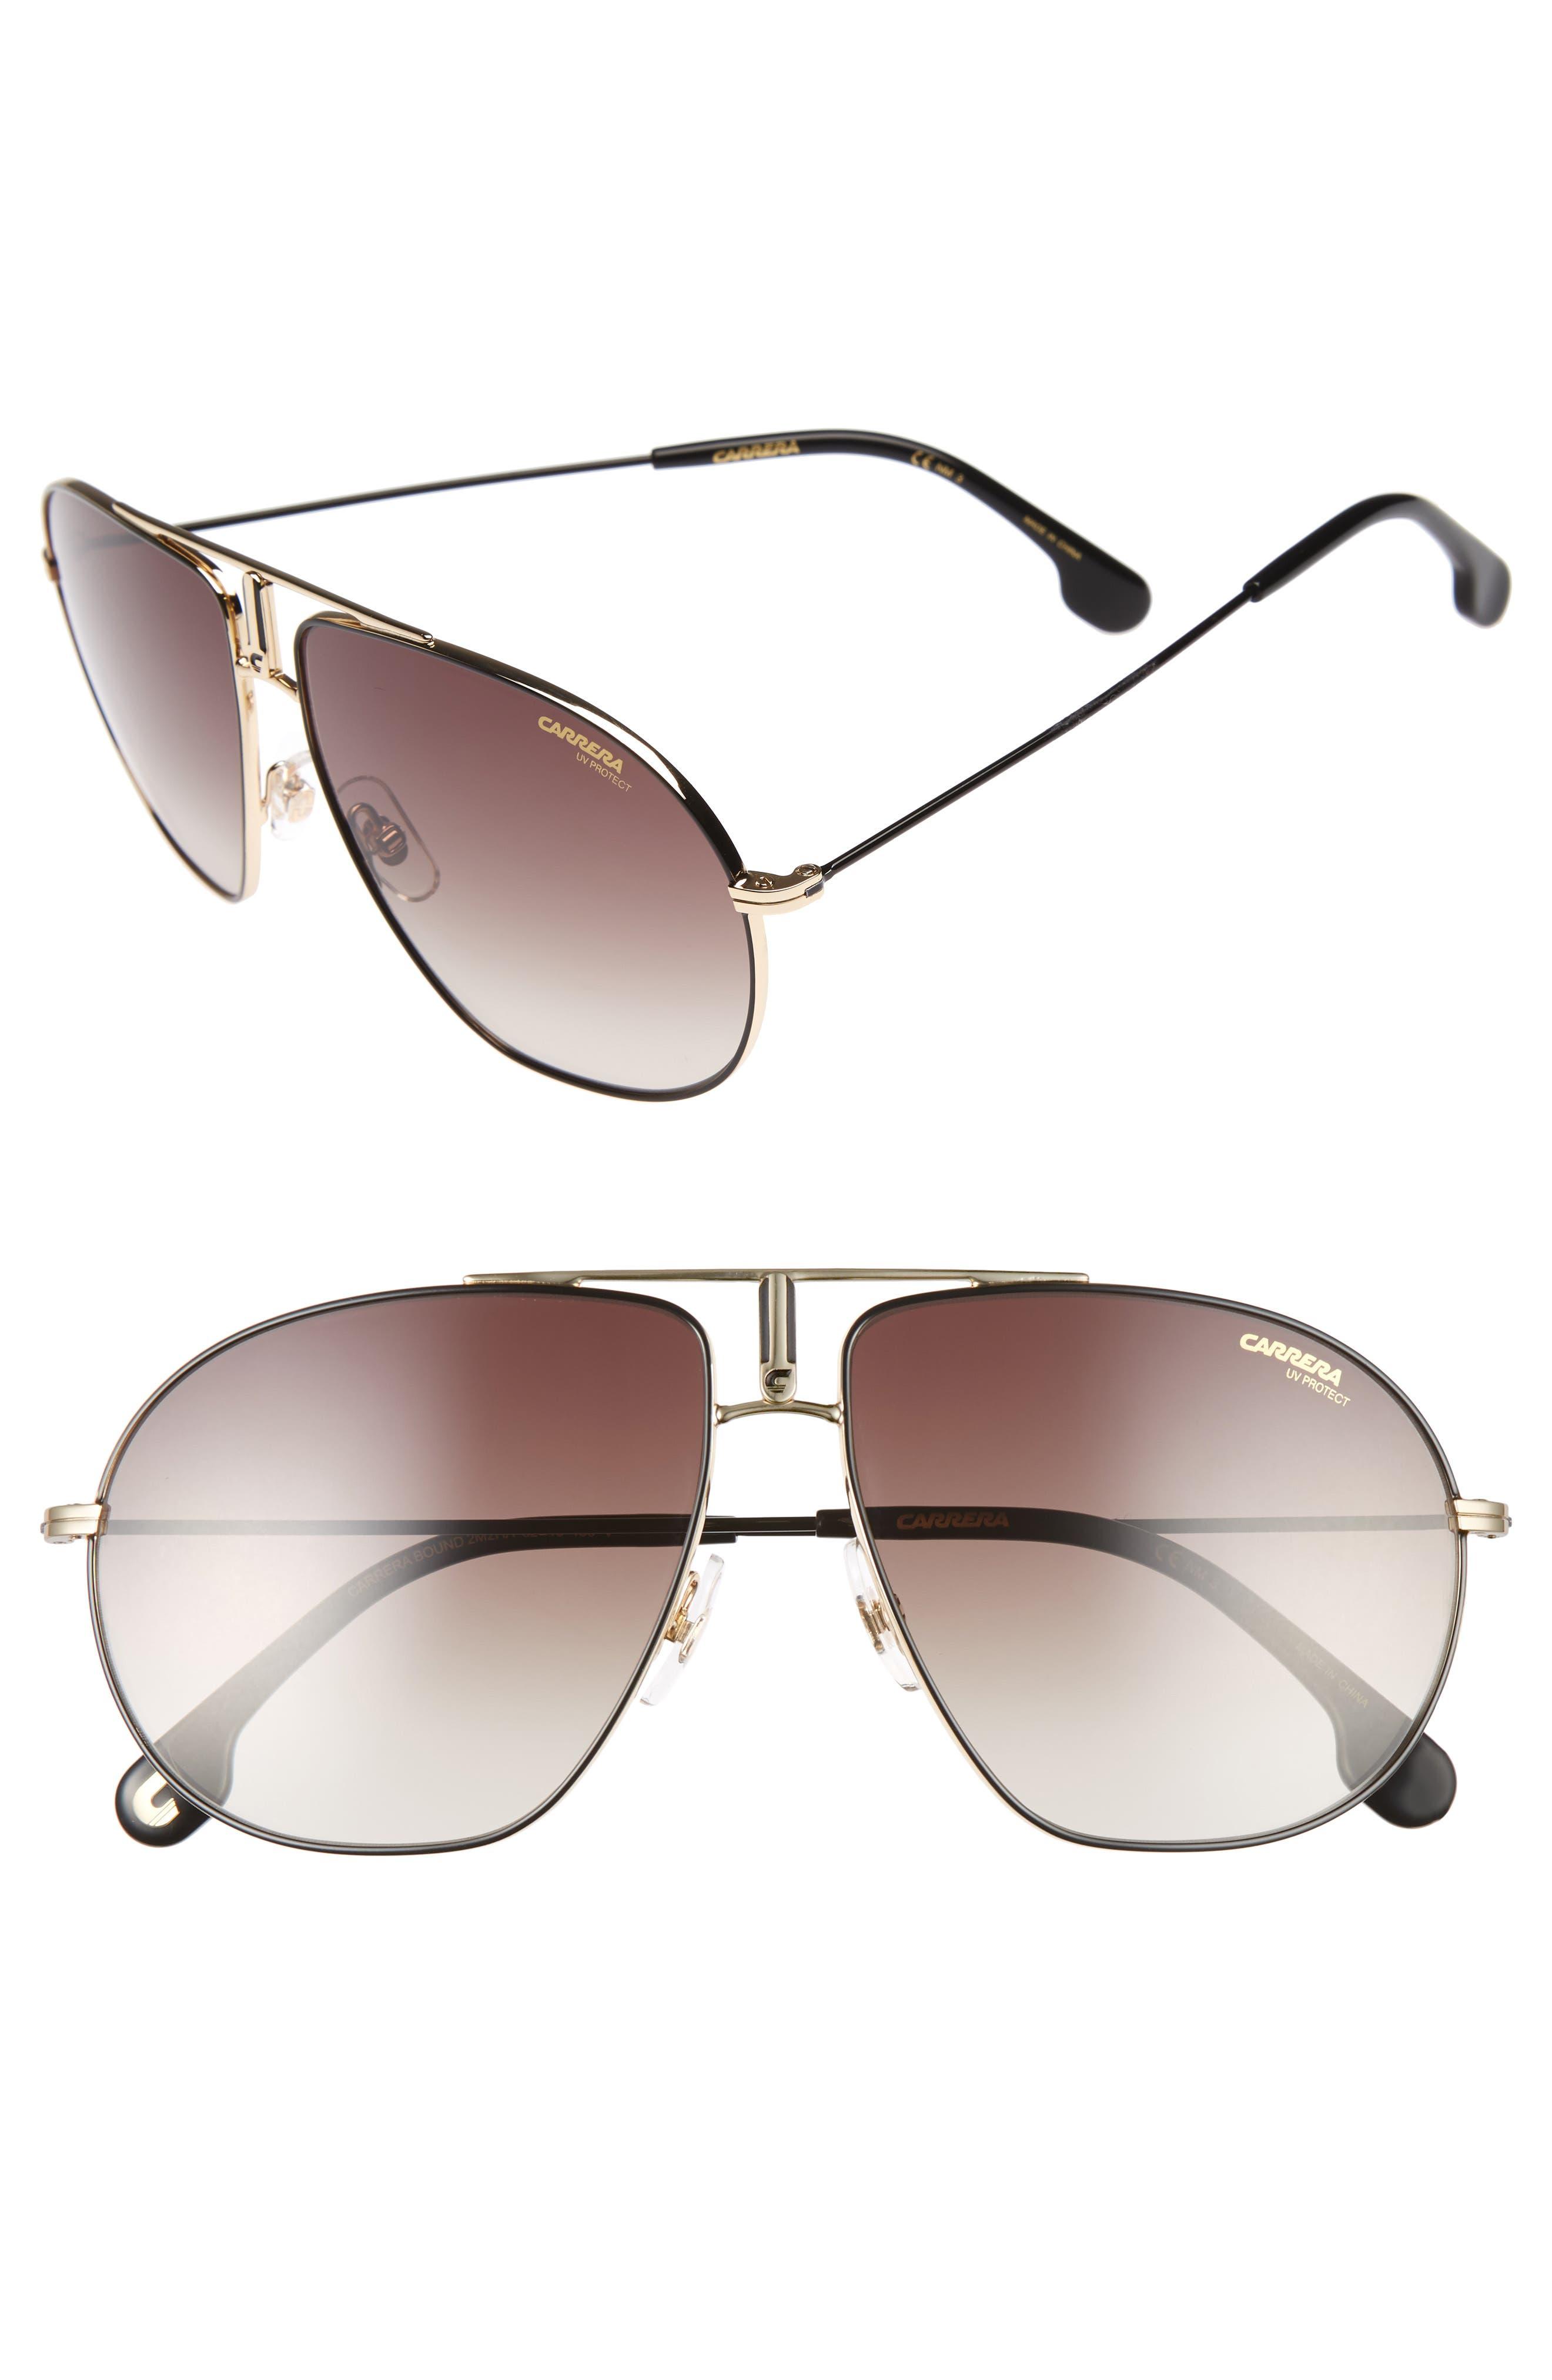 Carrera Bound 62mm Sunglasses,                         Main,                         color, Black Gold